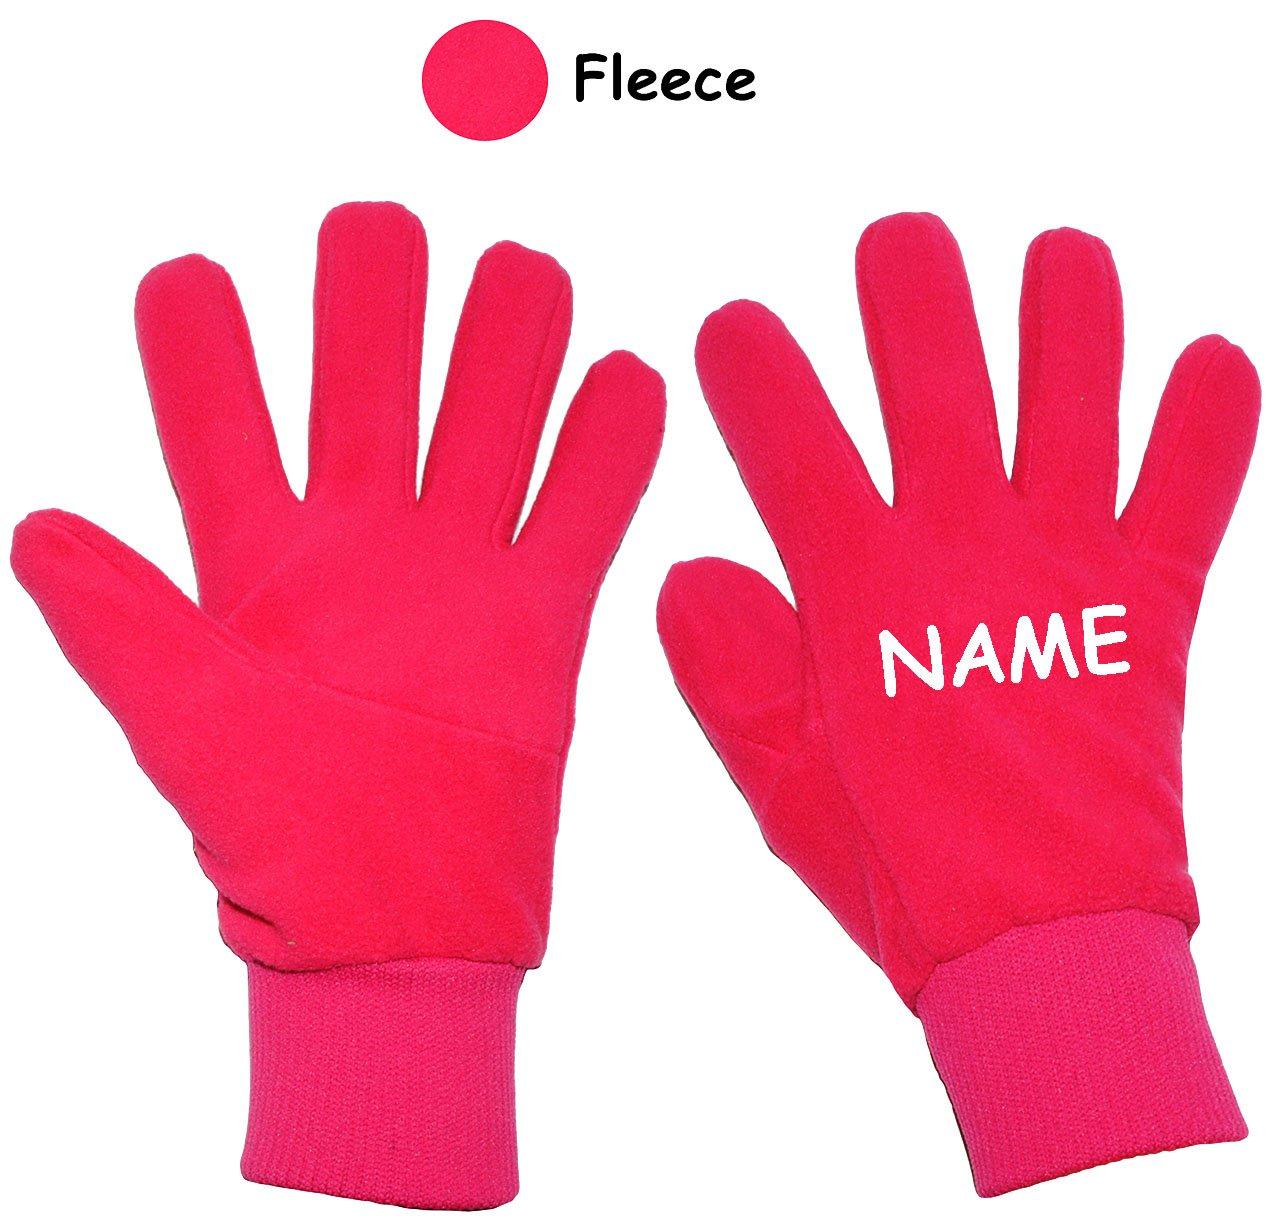 alles-meine.de GmbH sehr weiche _ Fleece Fingerhandschuhe - pink / rosa - Größe: 3 bis 4 Jahre - incl. Name - mit extra Langen Bündchen - LEICHT anzuziehen ! Kinder & Babyhan..